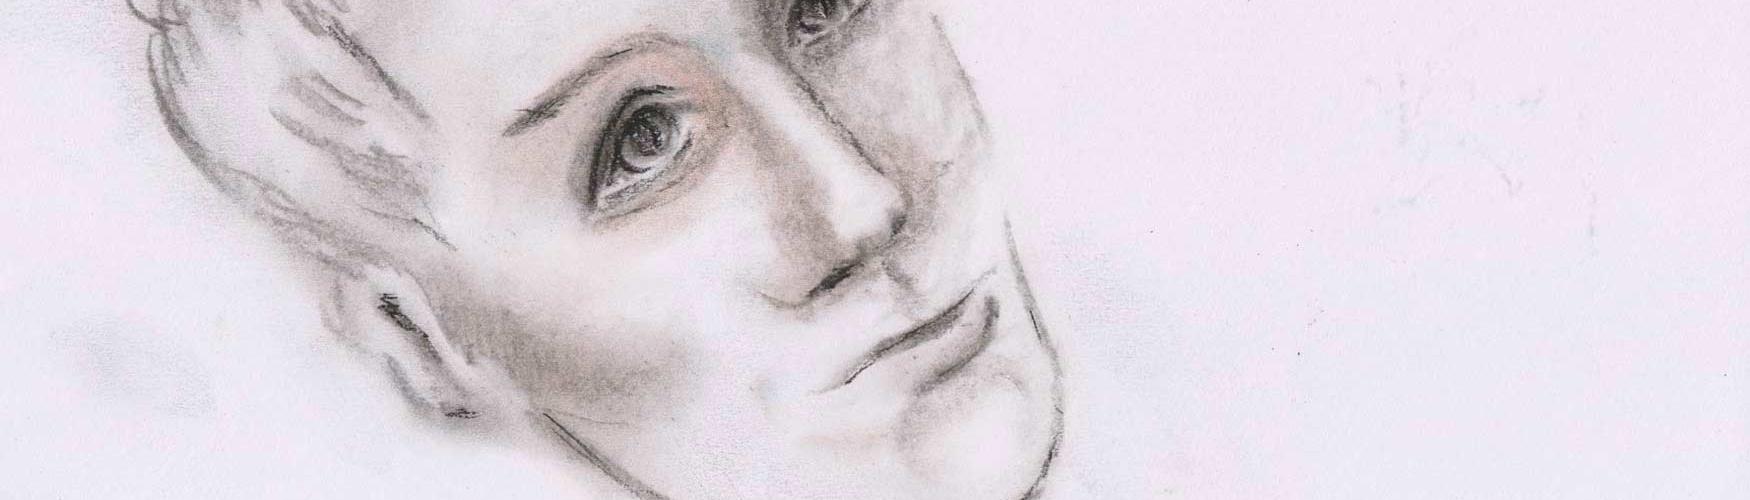 Spirit Art by Melanie Ladewig (17)